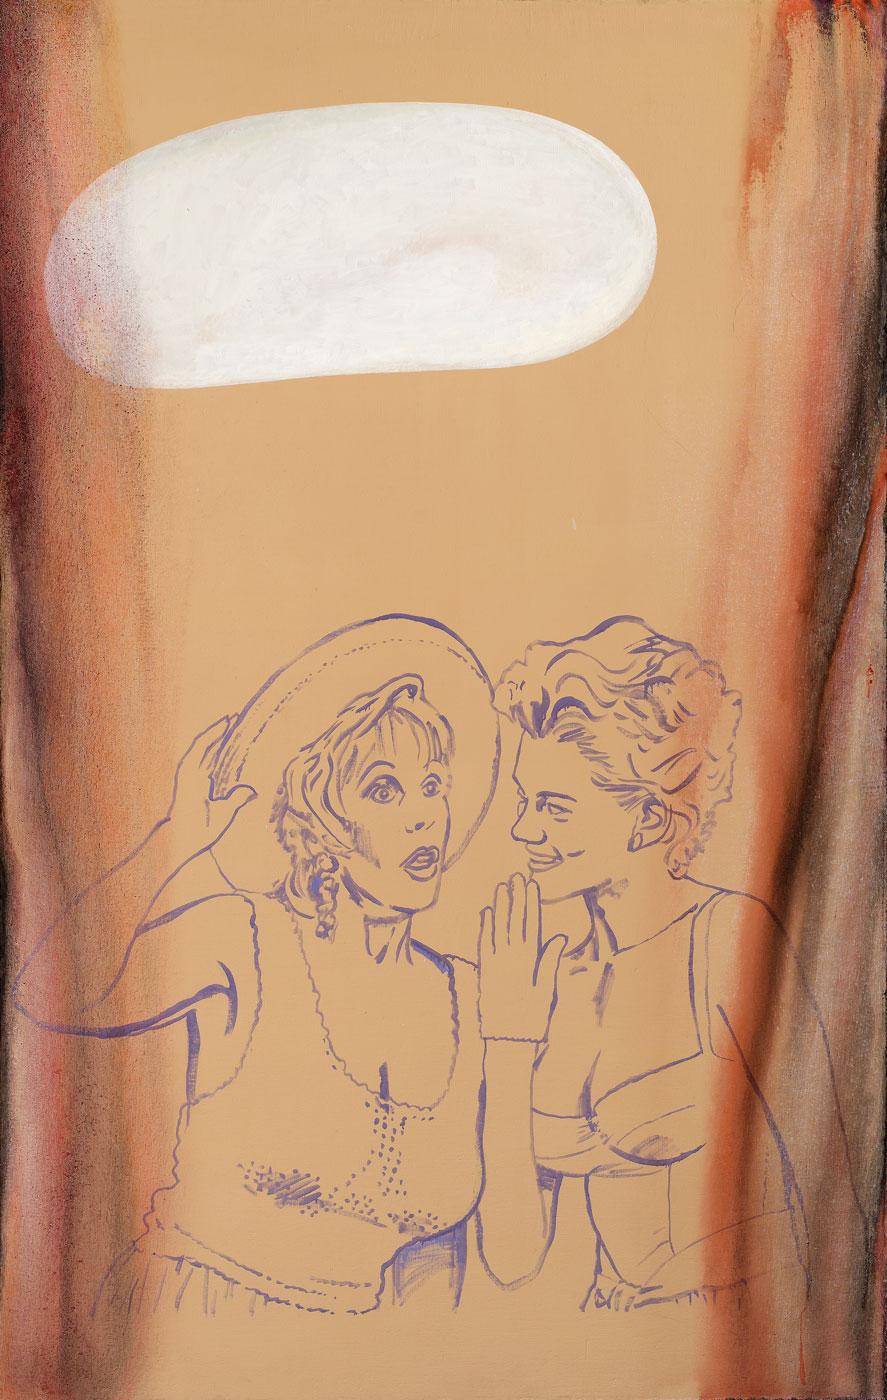 Ohořelá vložka, 1993-2018, akryl na plátně, 190x120 cm